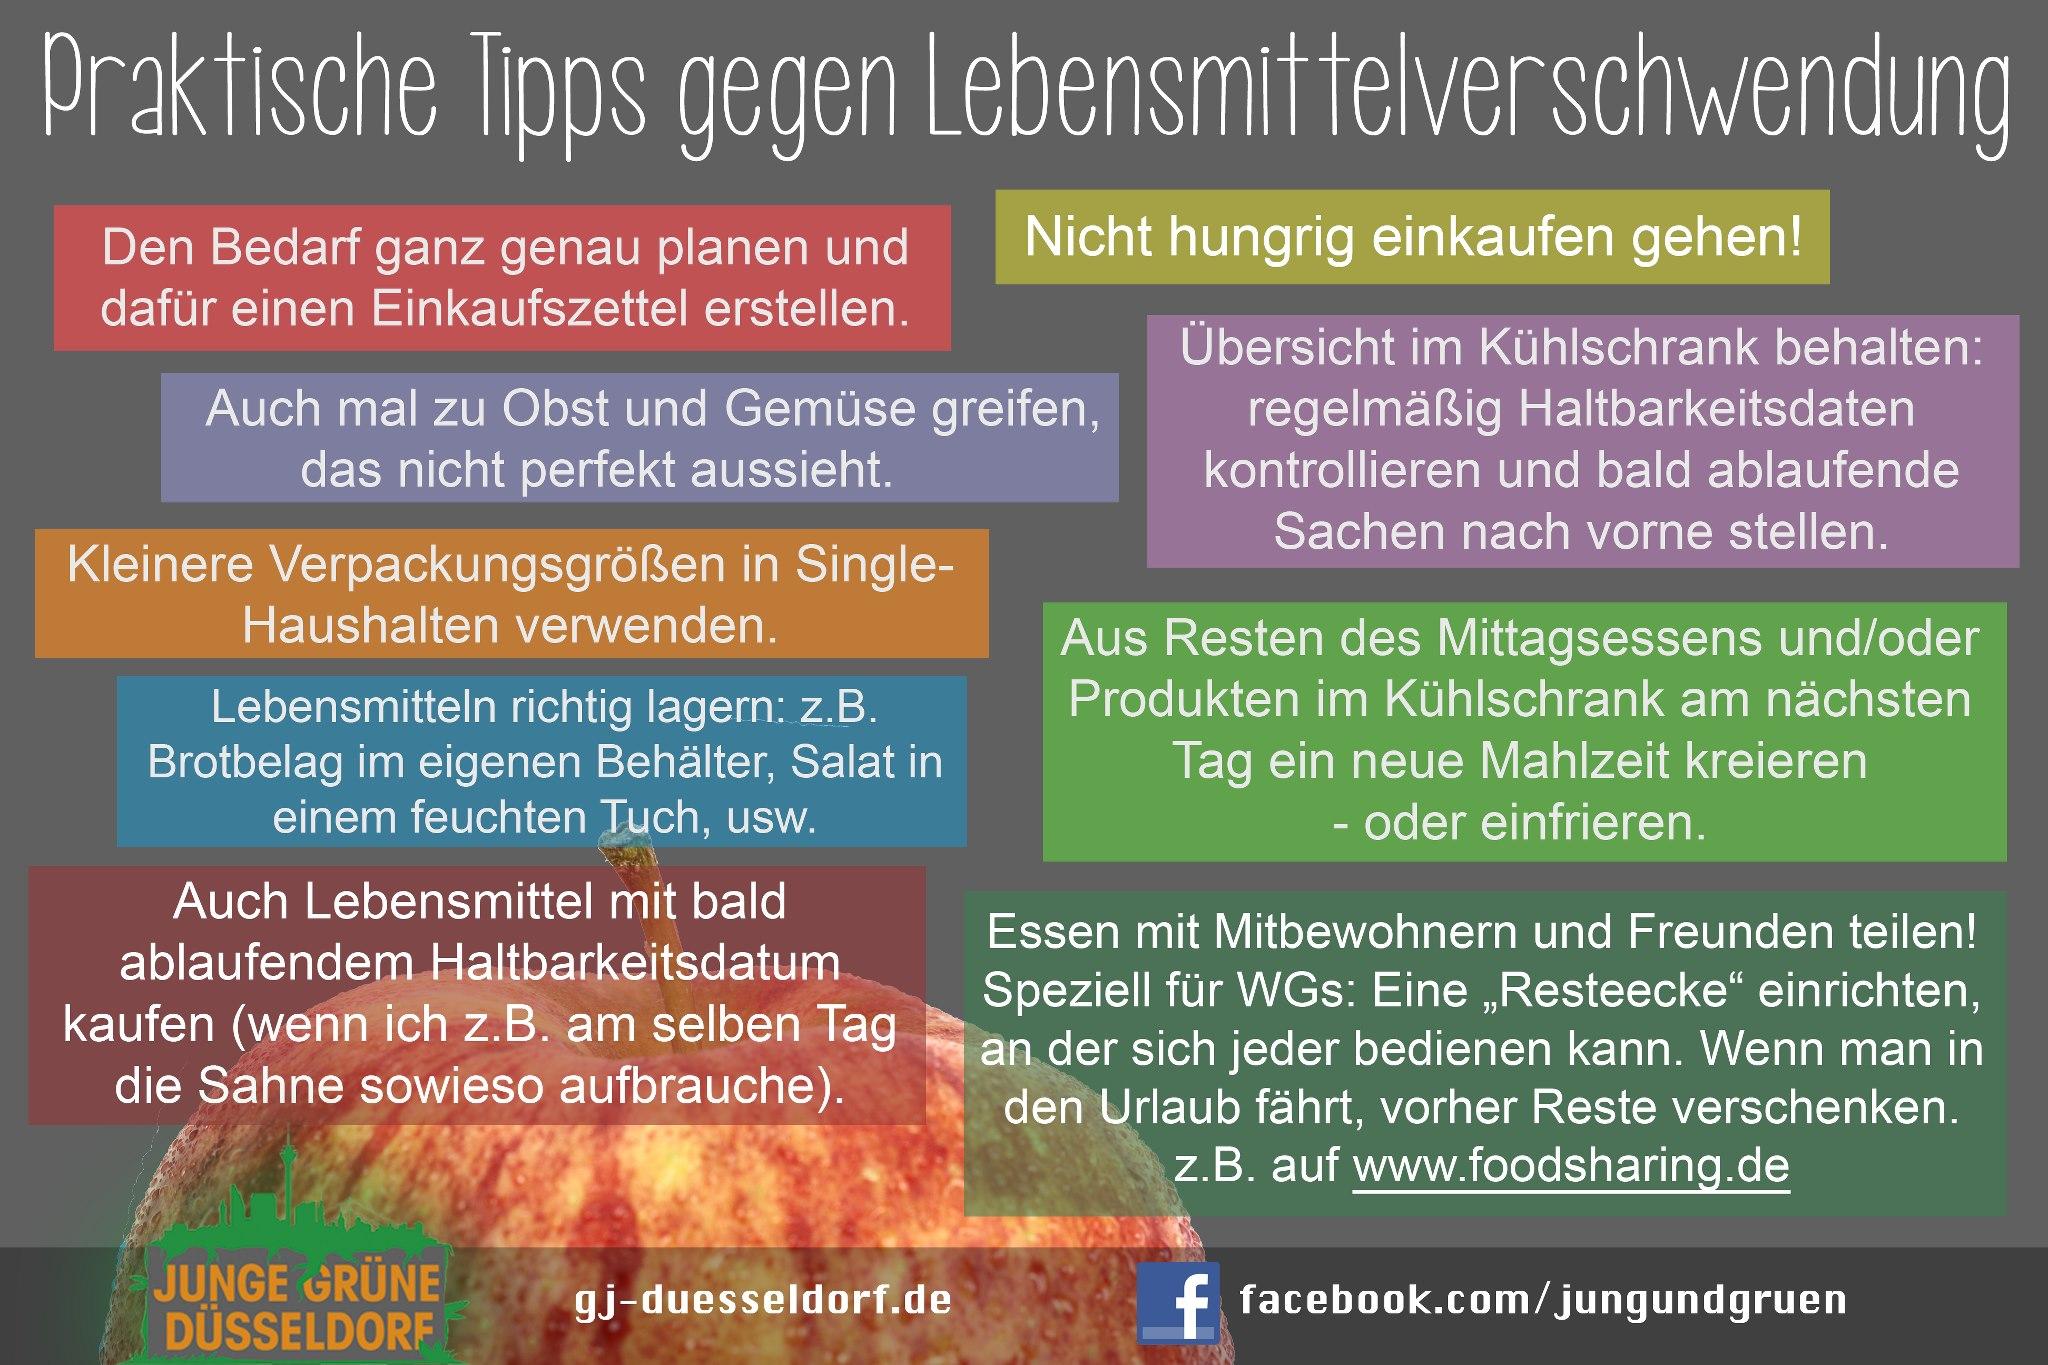 Wir lieben Herzkartoffeln! › Junge Grüne Düsseldorf